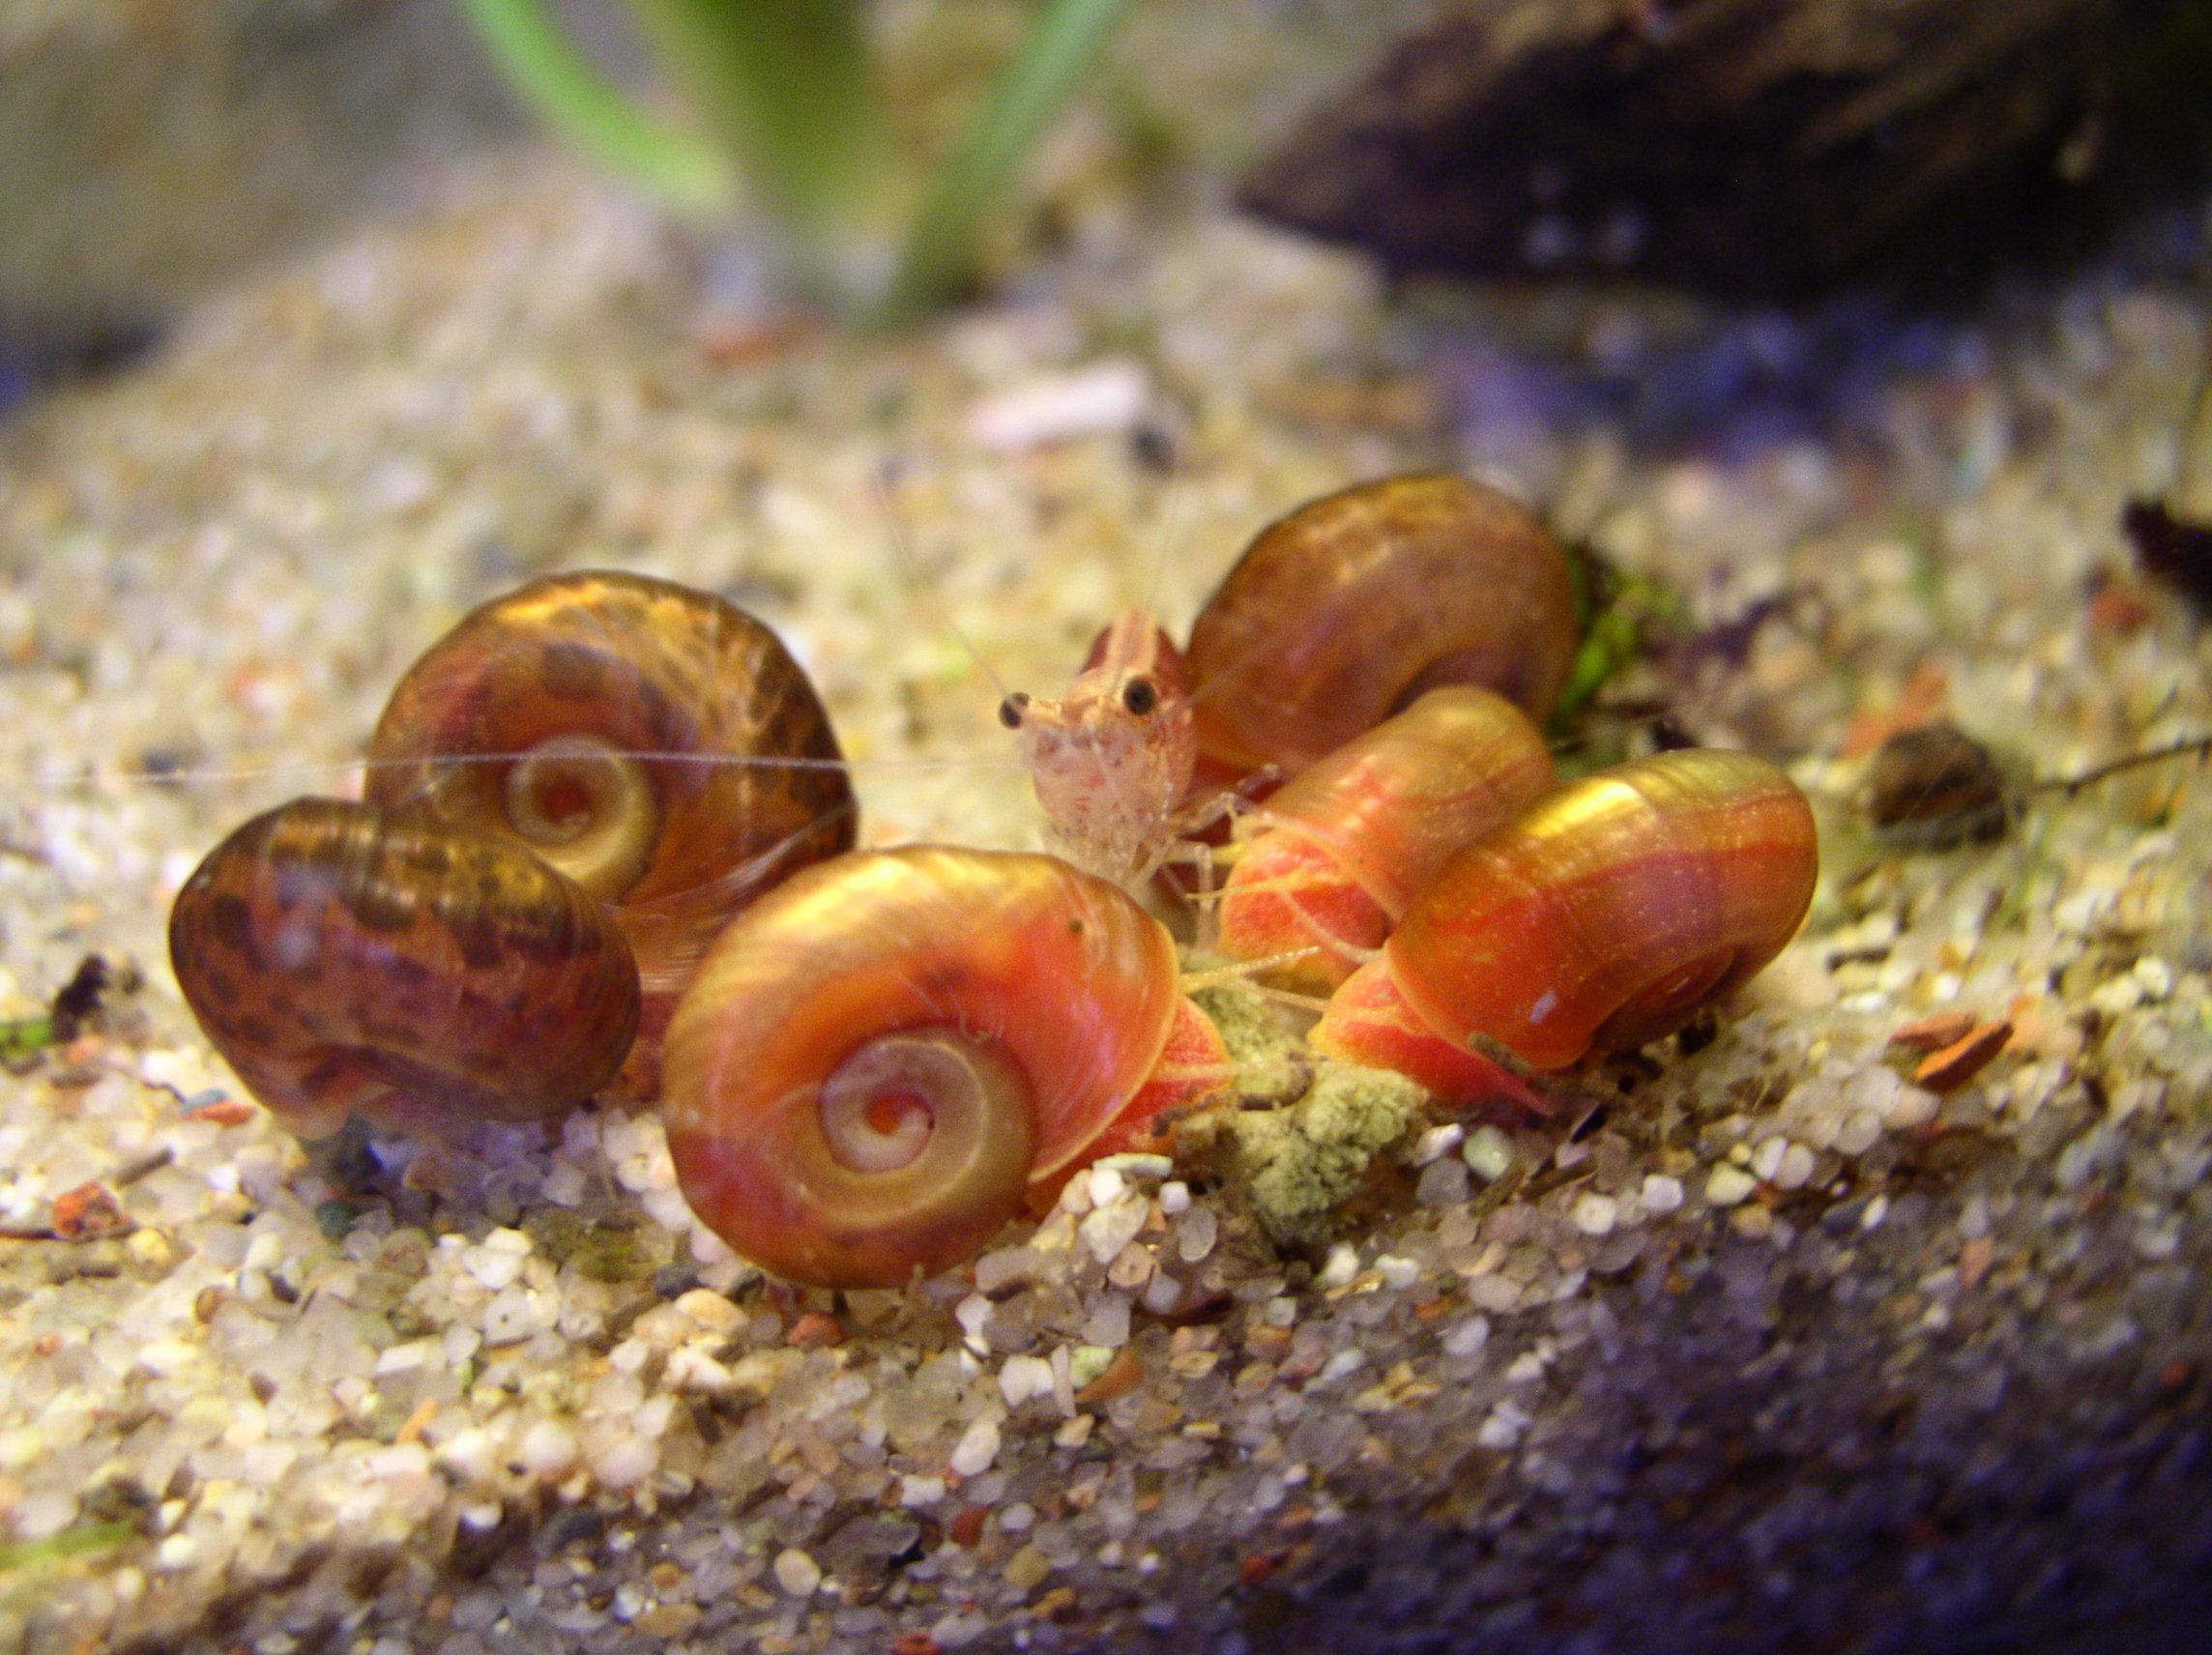 Demande de renseignements pour maintenance de crevettes sur sol technique La_guerre_du_vert